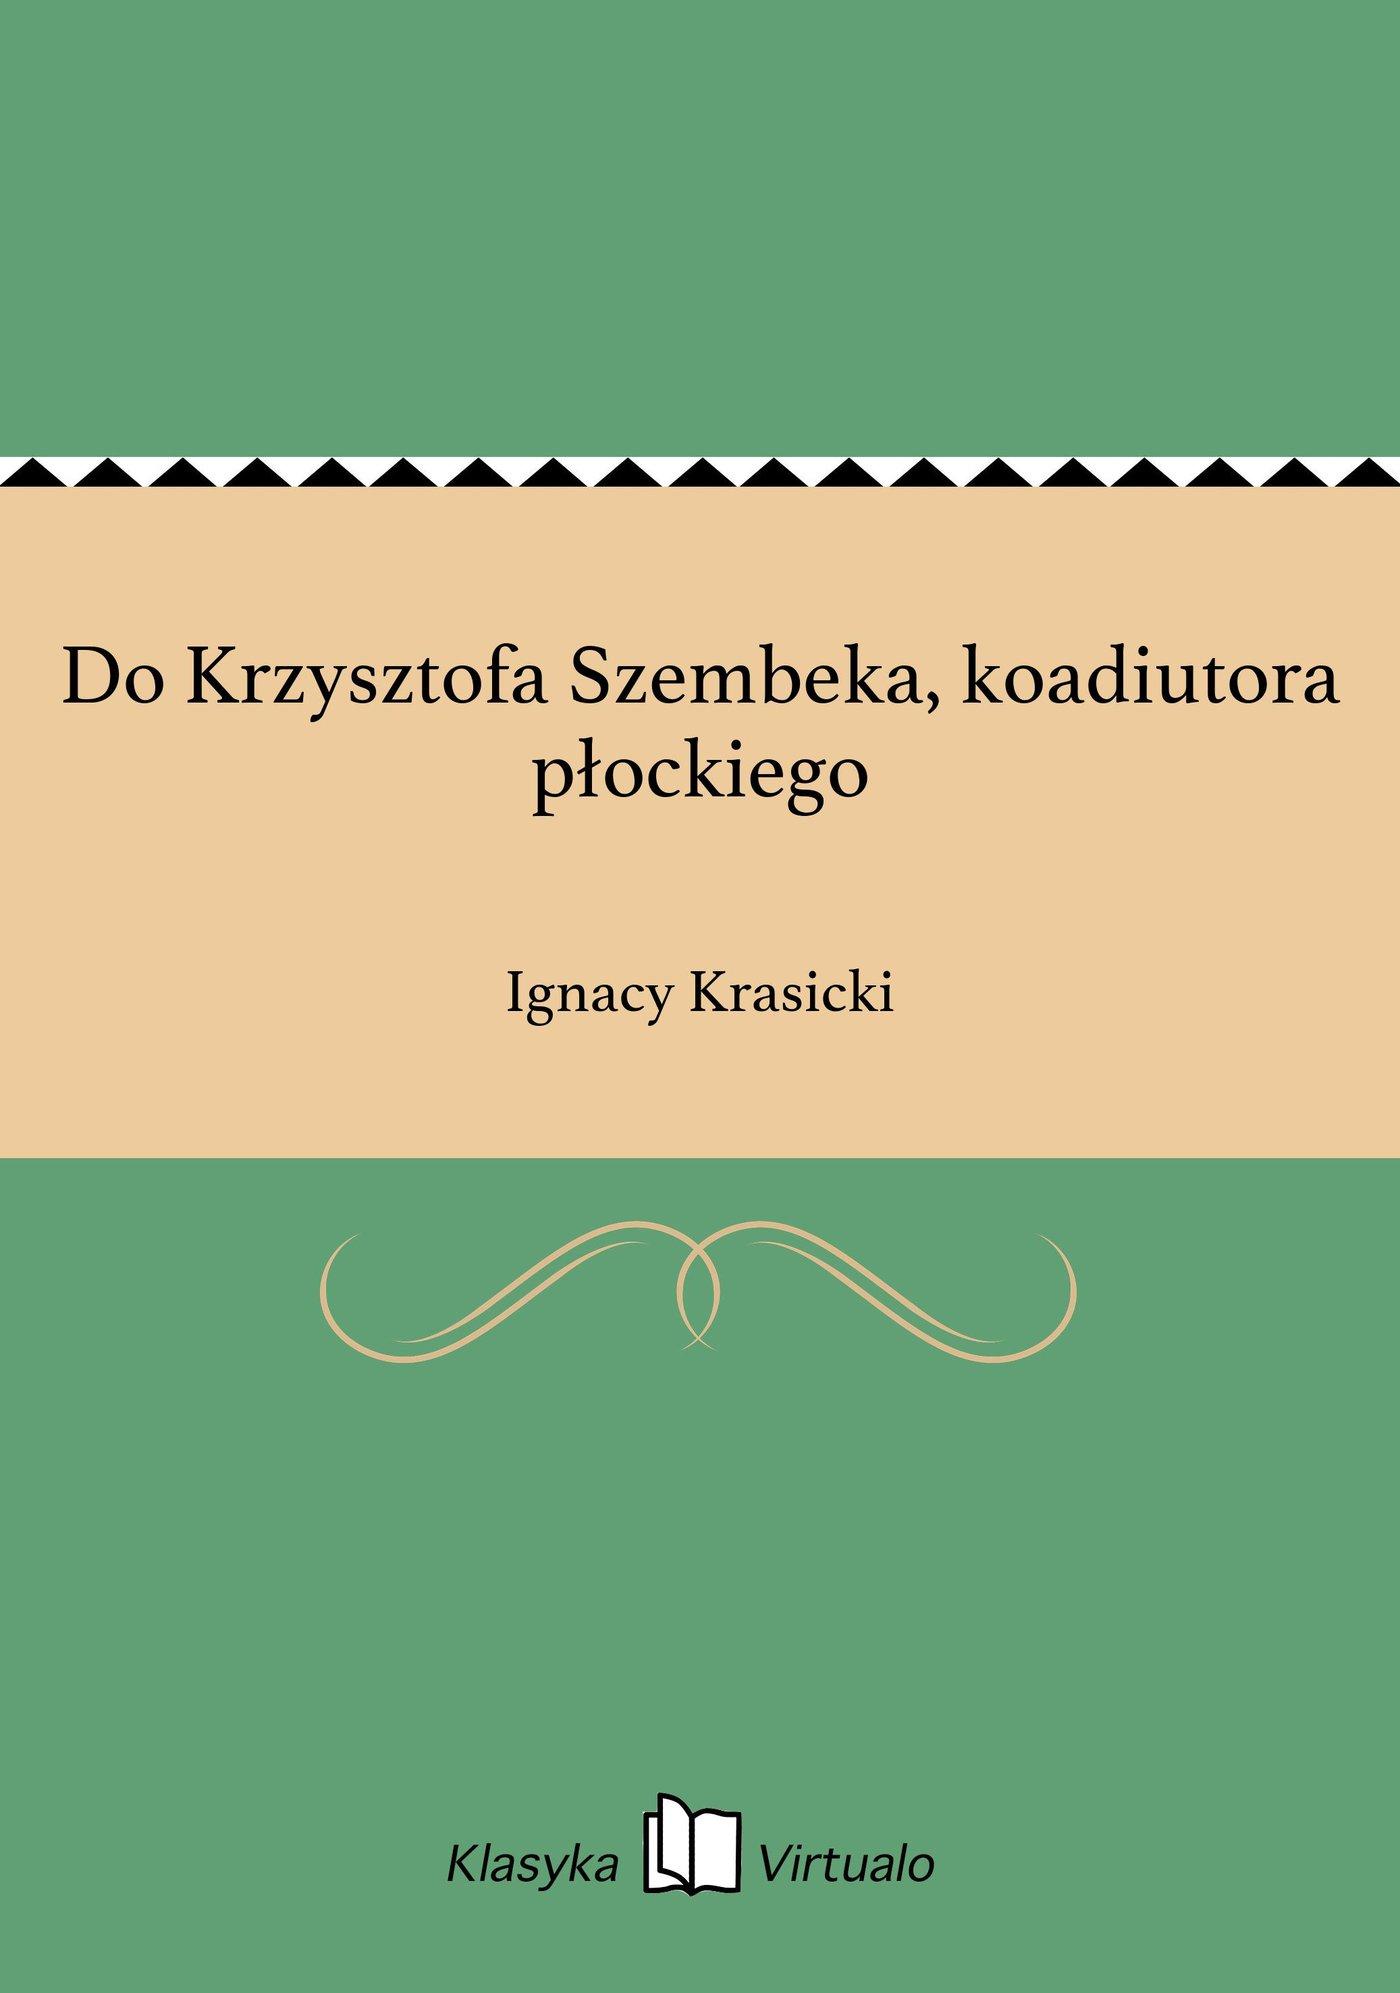 Do Krzysztofa Szembeka, koadiutora płockiego - Ebook (Książka EPUB) do pobrania w formacie EPUB